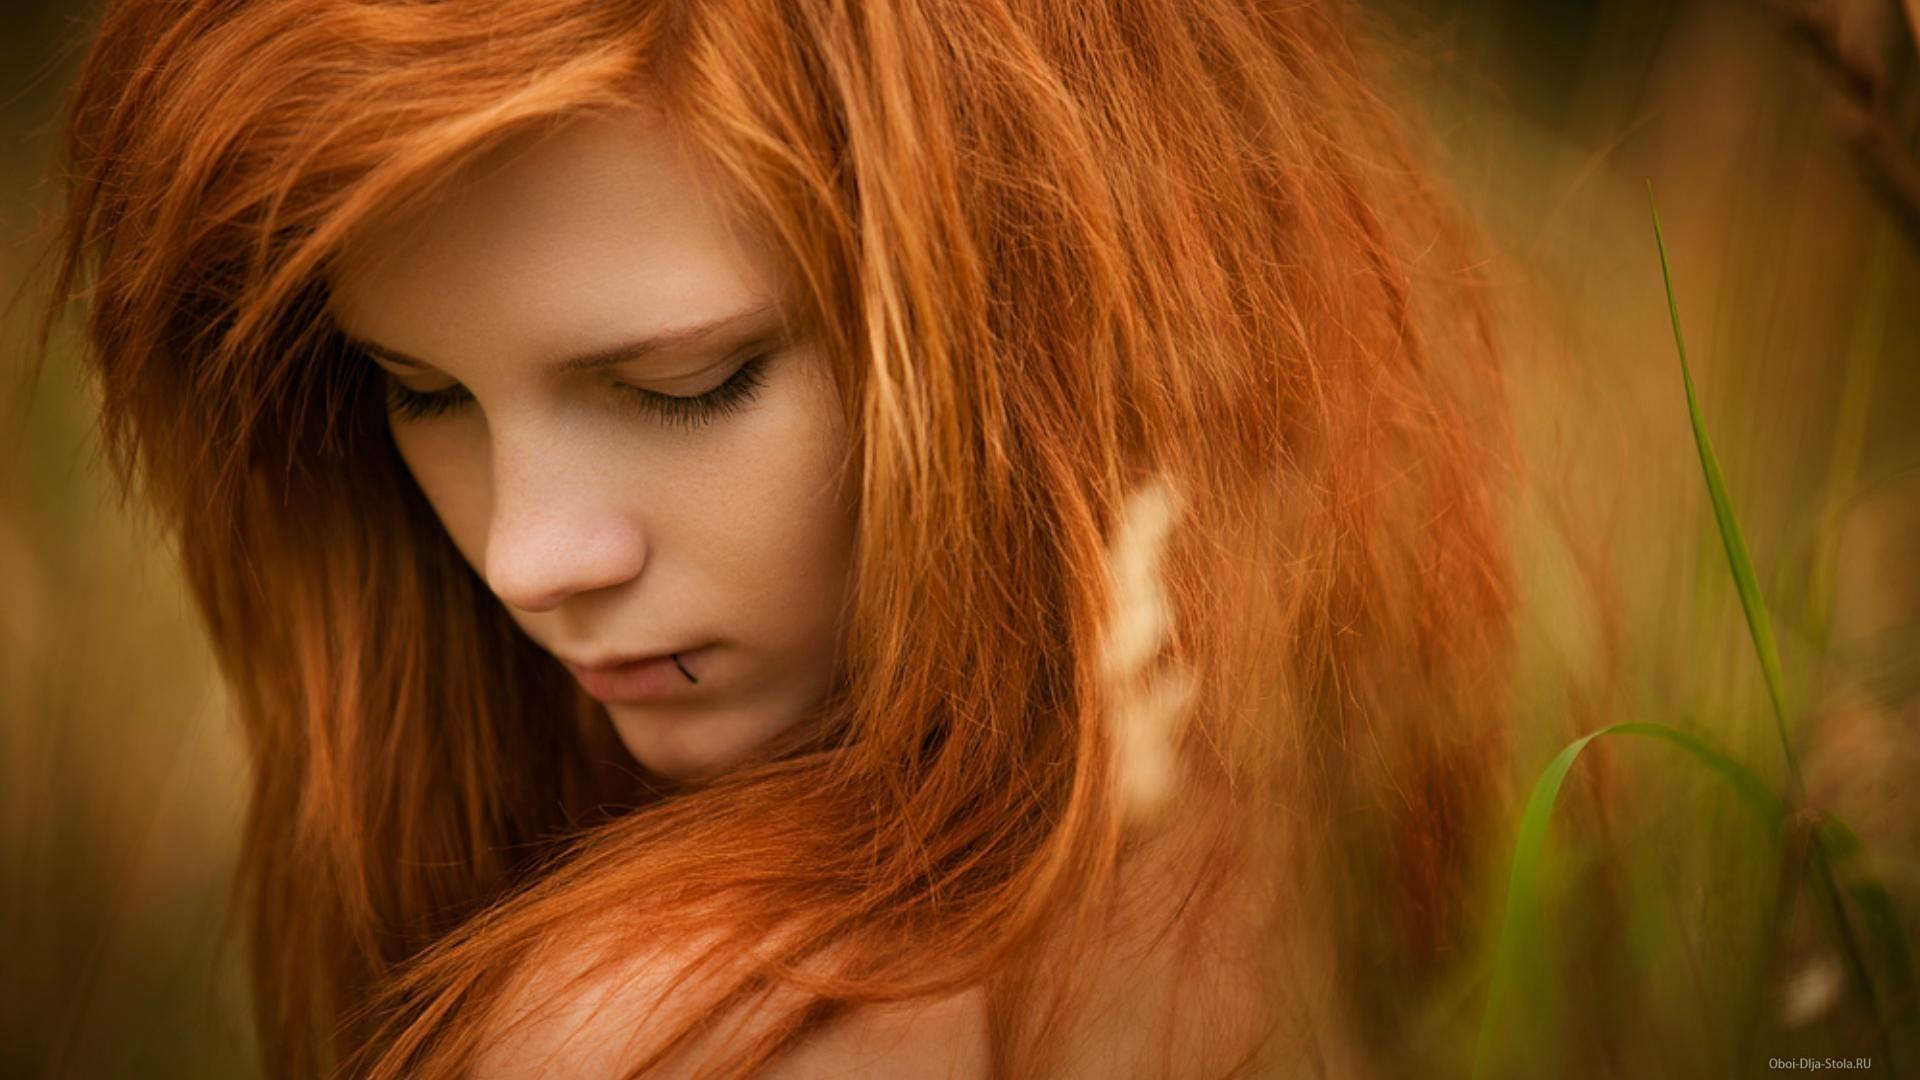 Рыжая девочка сосет член своему парню 16 фотография